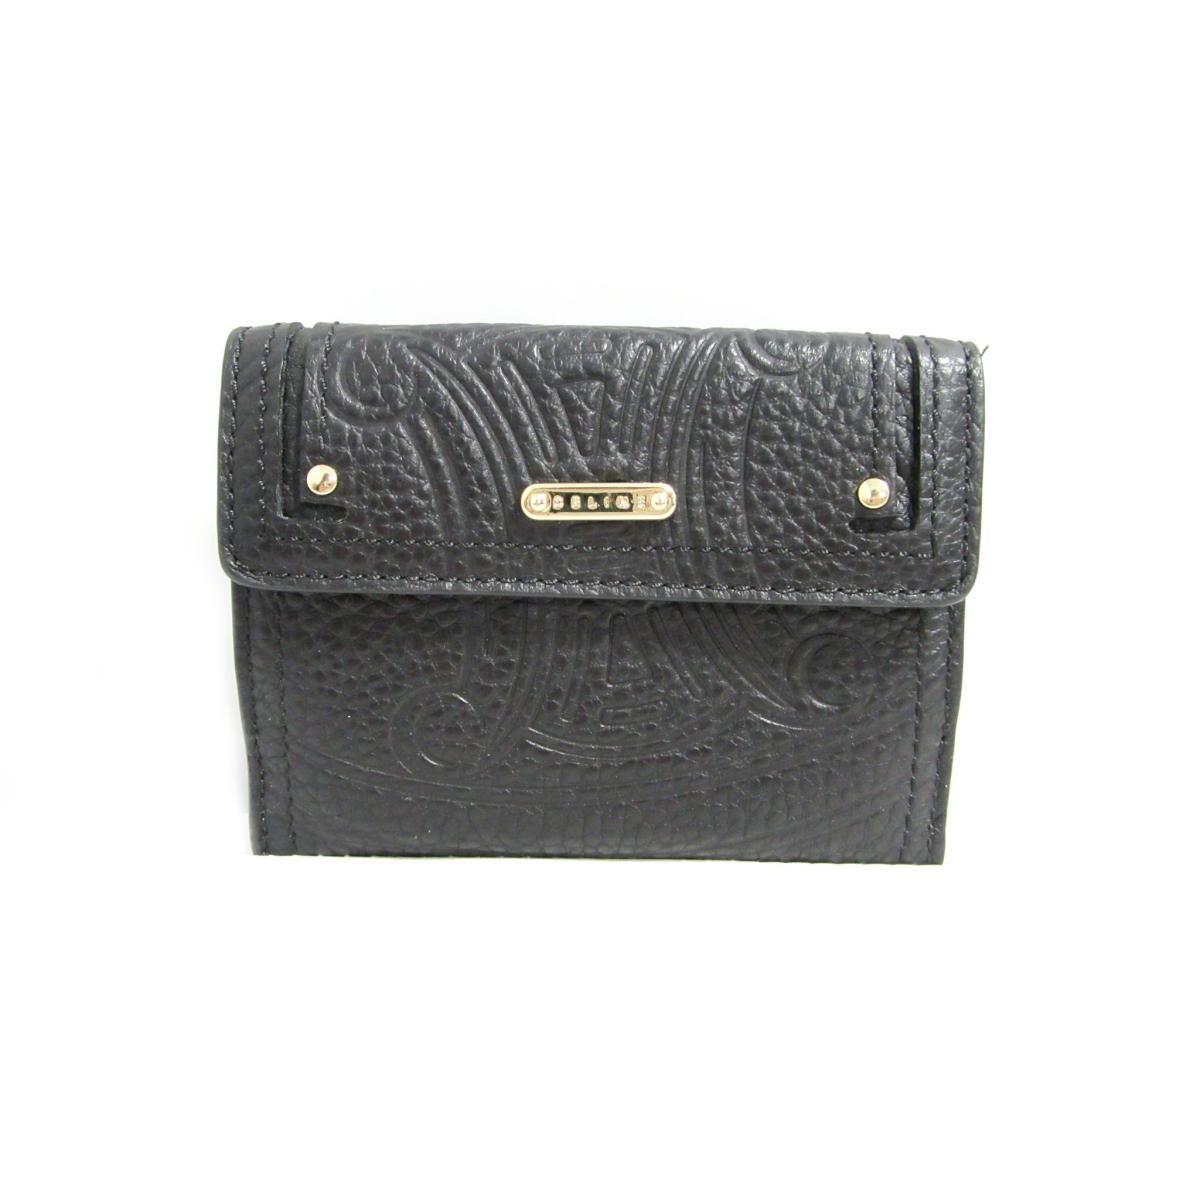 【中古】 セリーヌ Wホック財布 メンズ レディース レザー ブラック (107493NGR) | CELINE 財布 Wホック財布 美品 ブランドオフ BRANDOFF